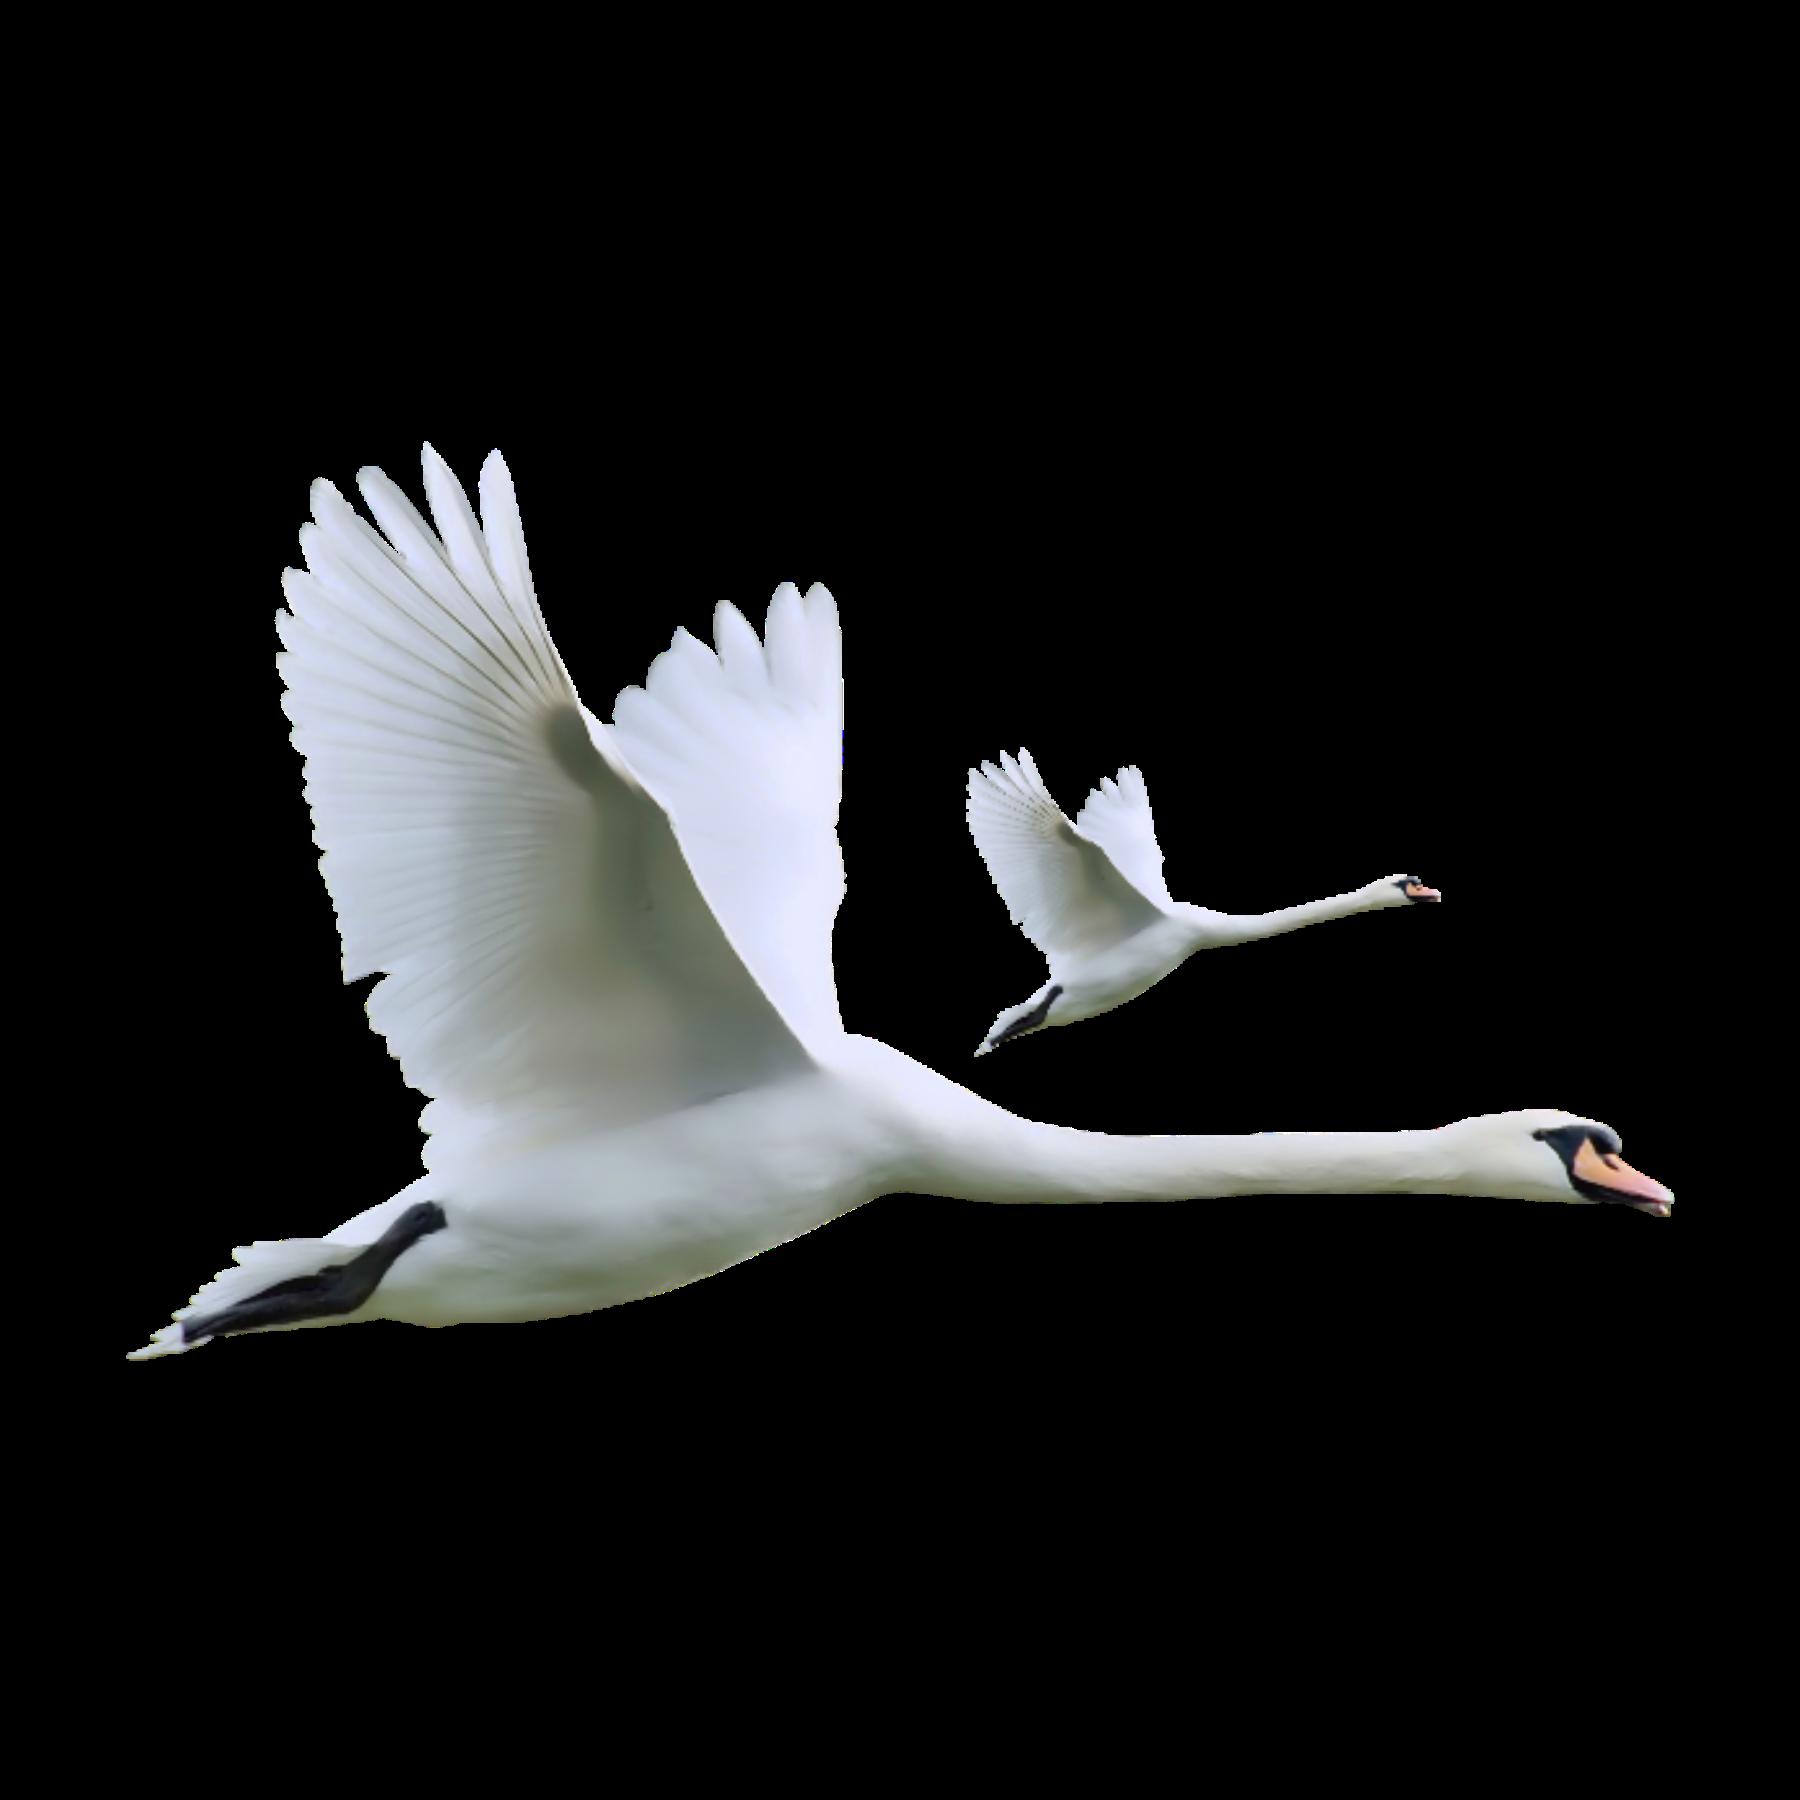 гиф летящие лебеди на прозрачном фоне десантниками